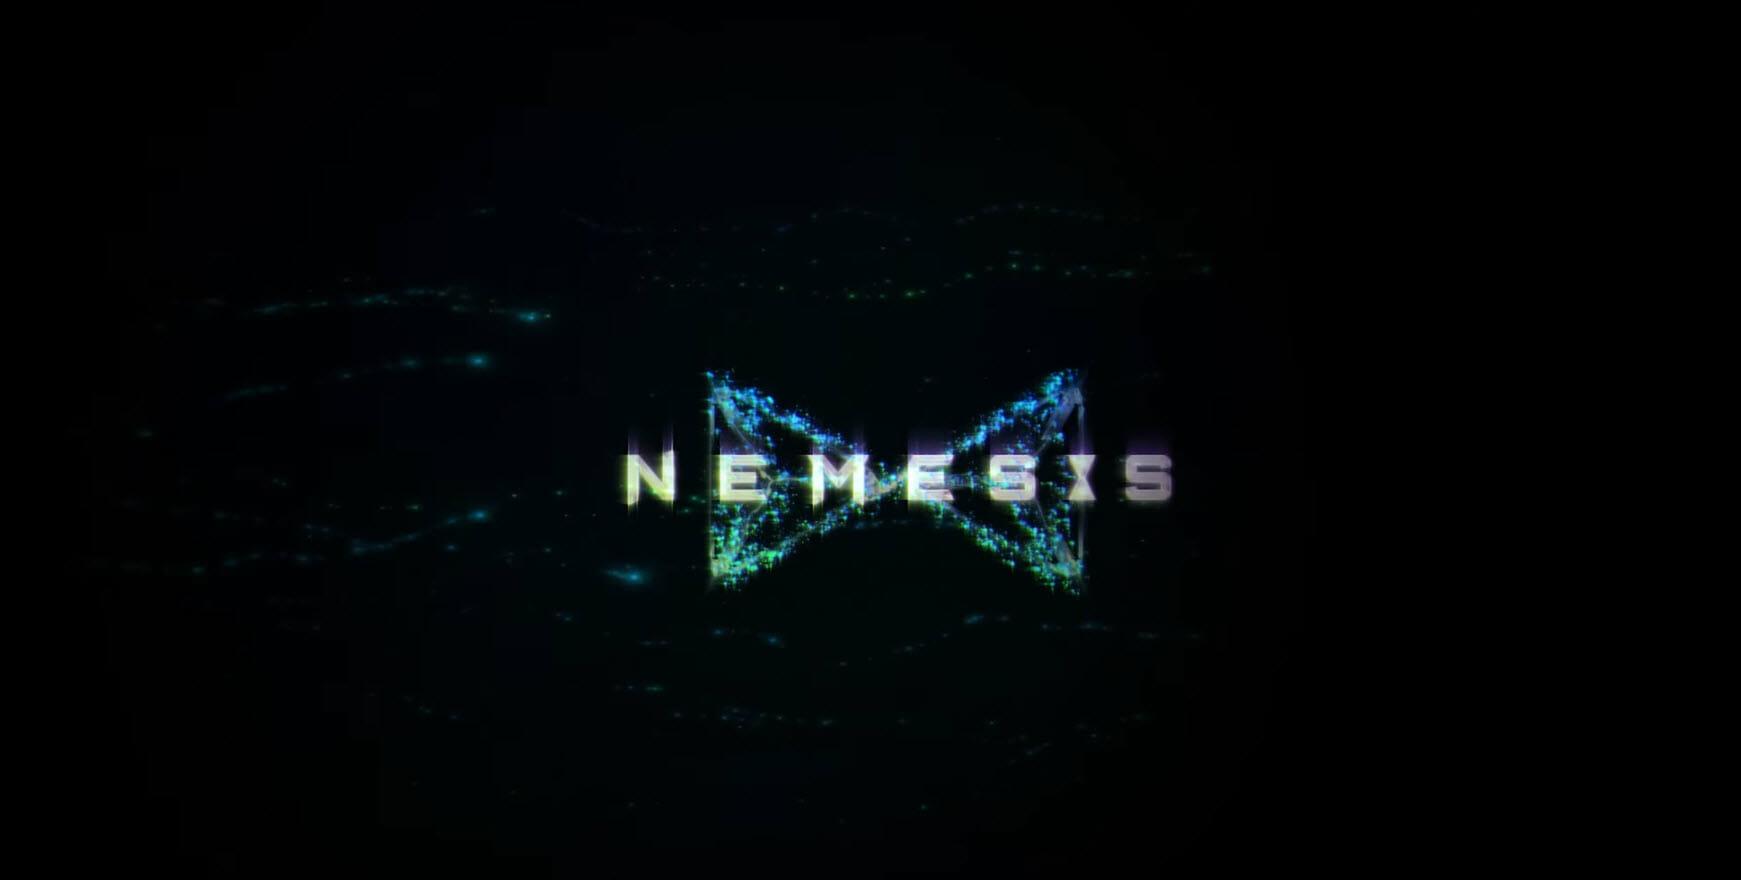 Nemesis Glyph